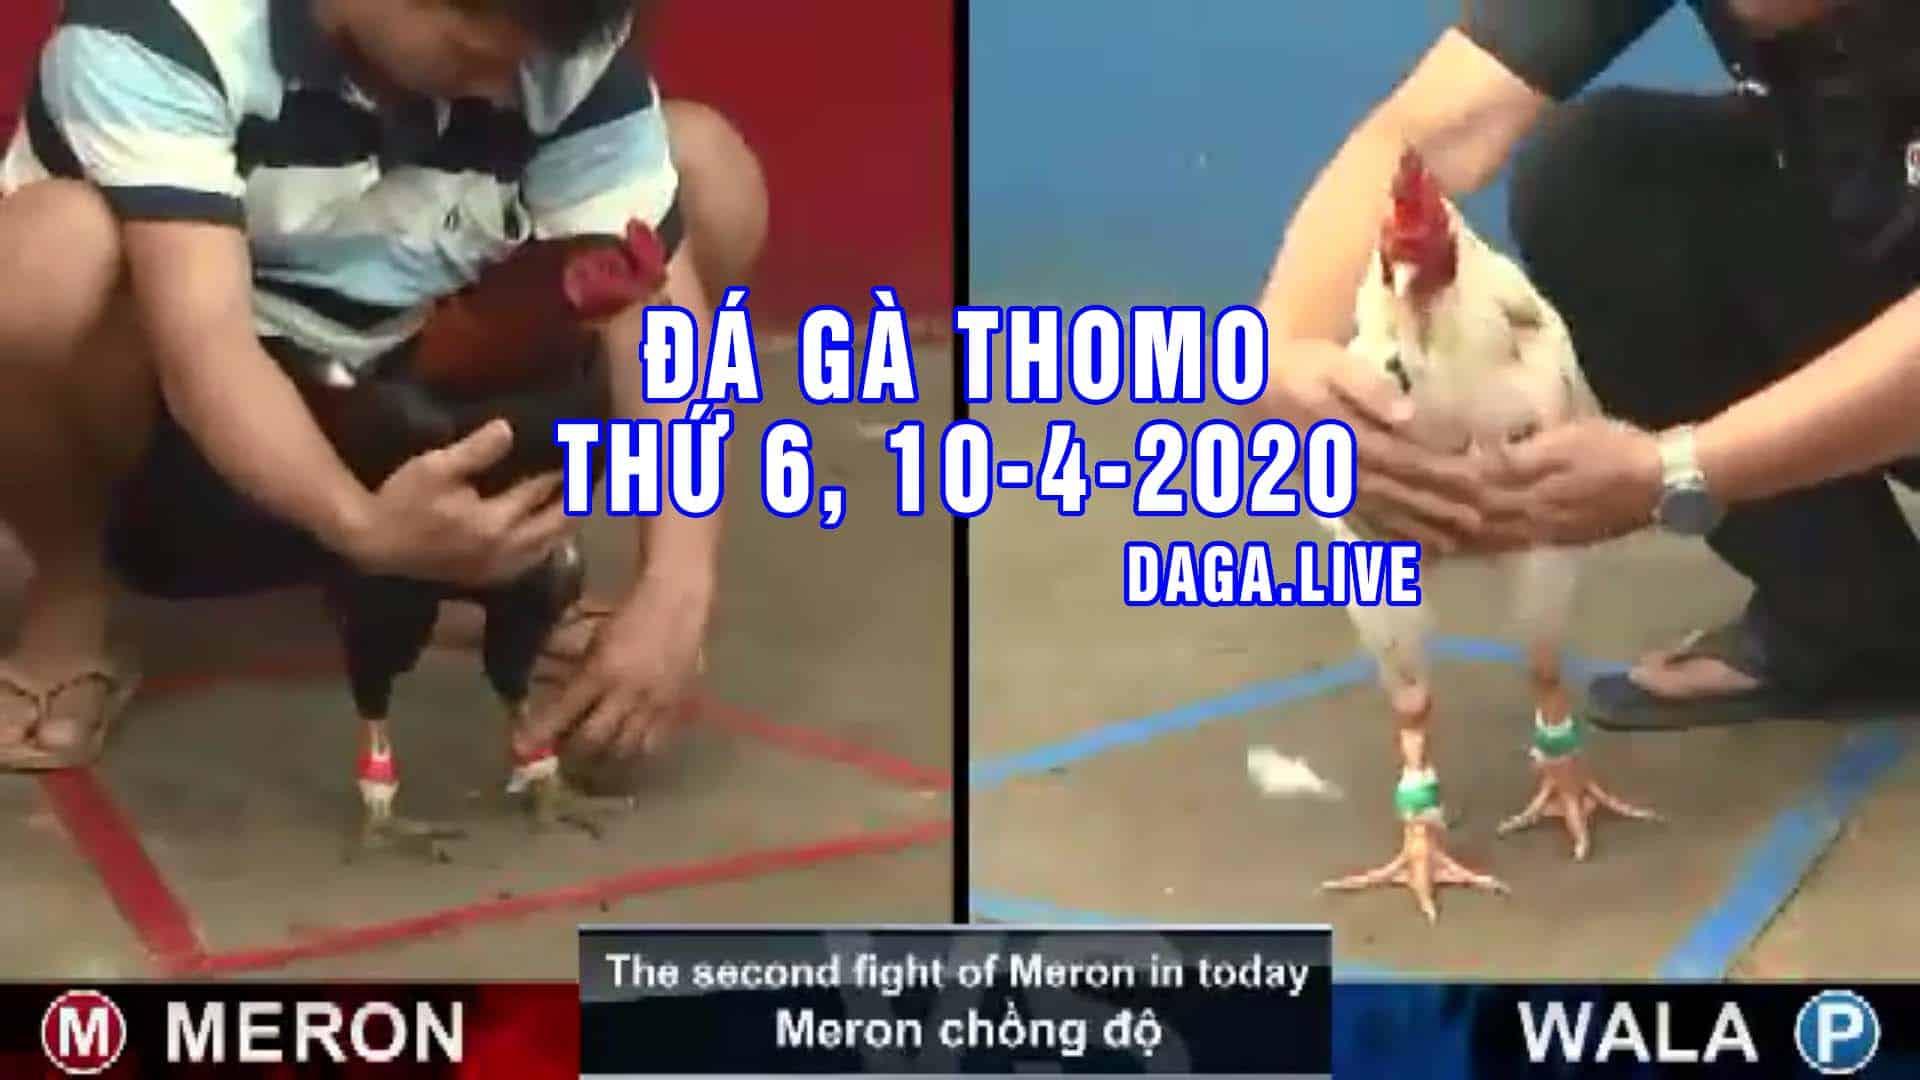 DAGA.LIVE - Đá gà trực tiếp thomo hôm nay, đá gà thomo, đá gà campuchia thứ 6 NGÀY 10-4-2020